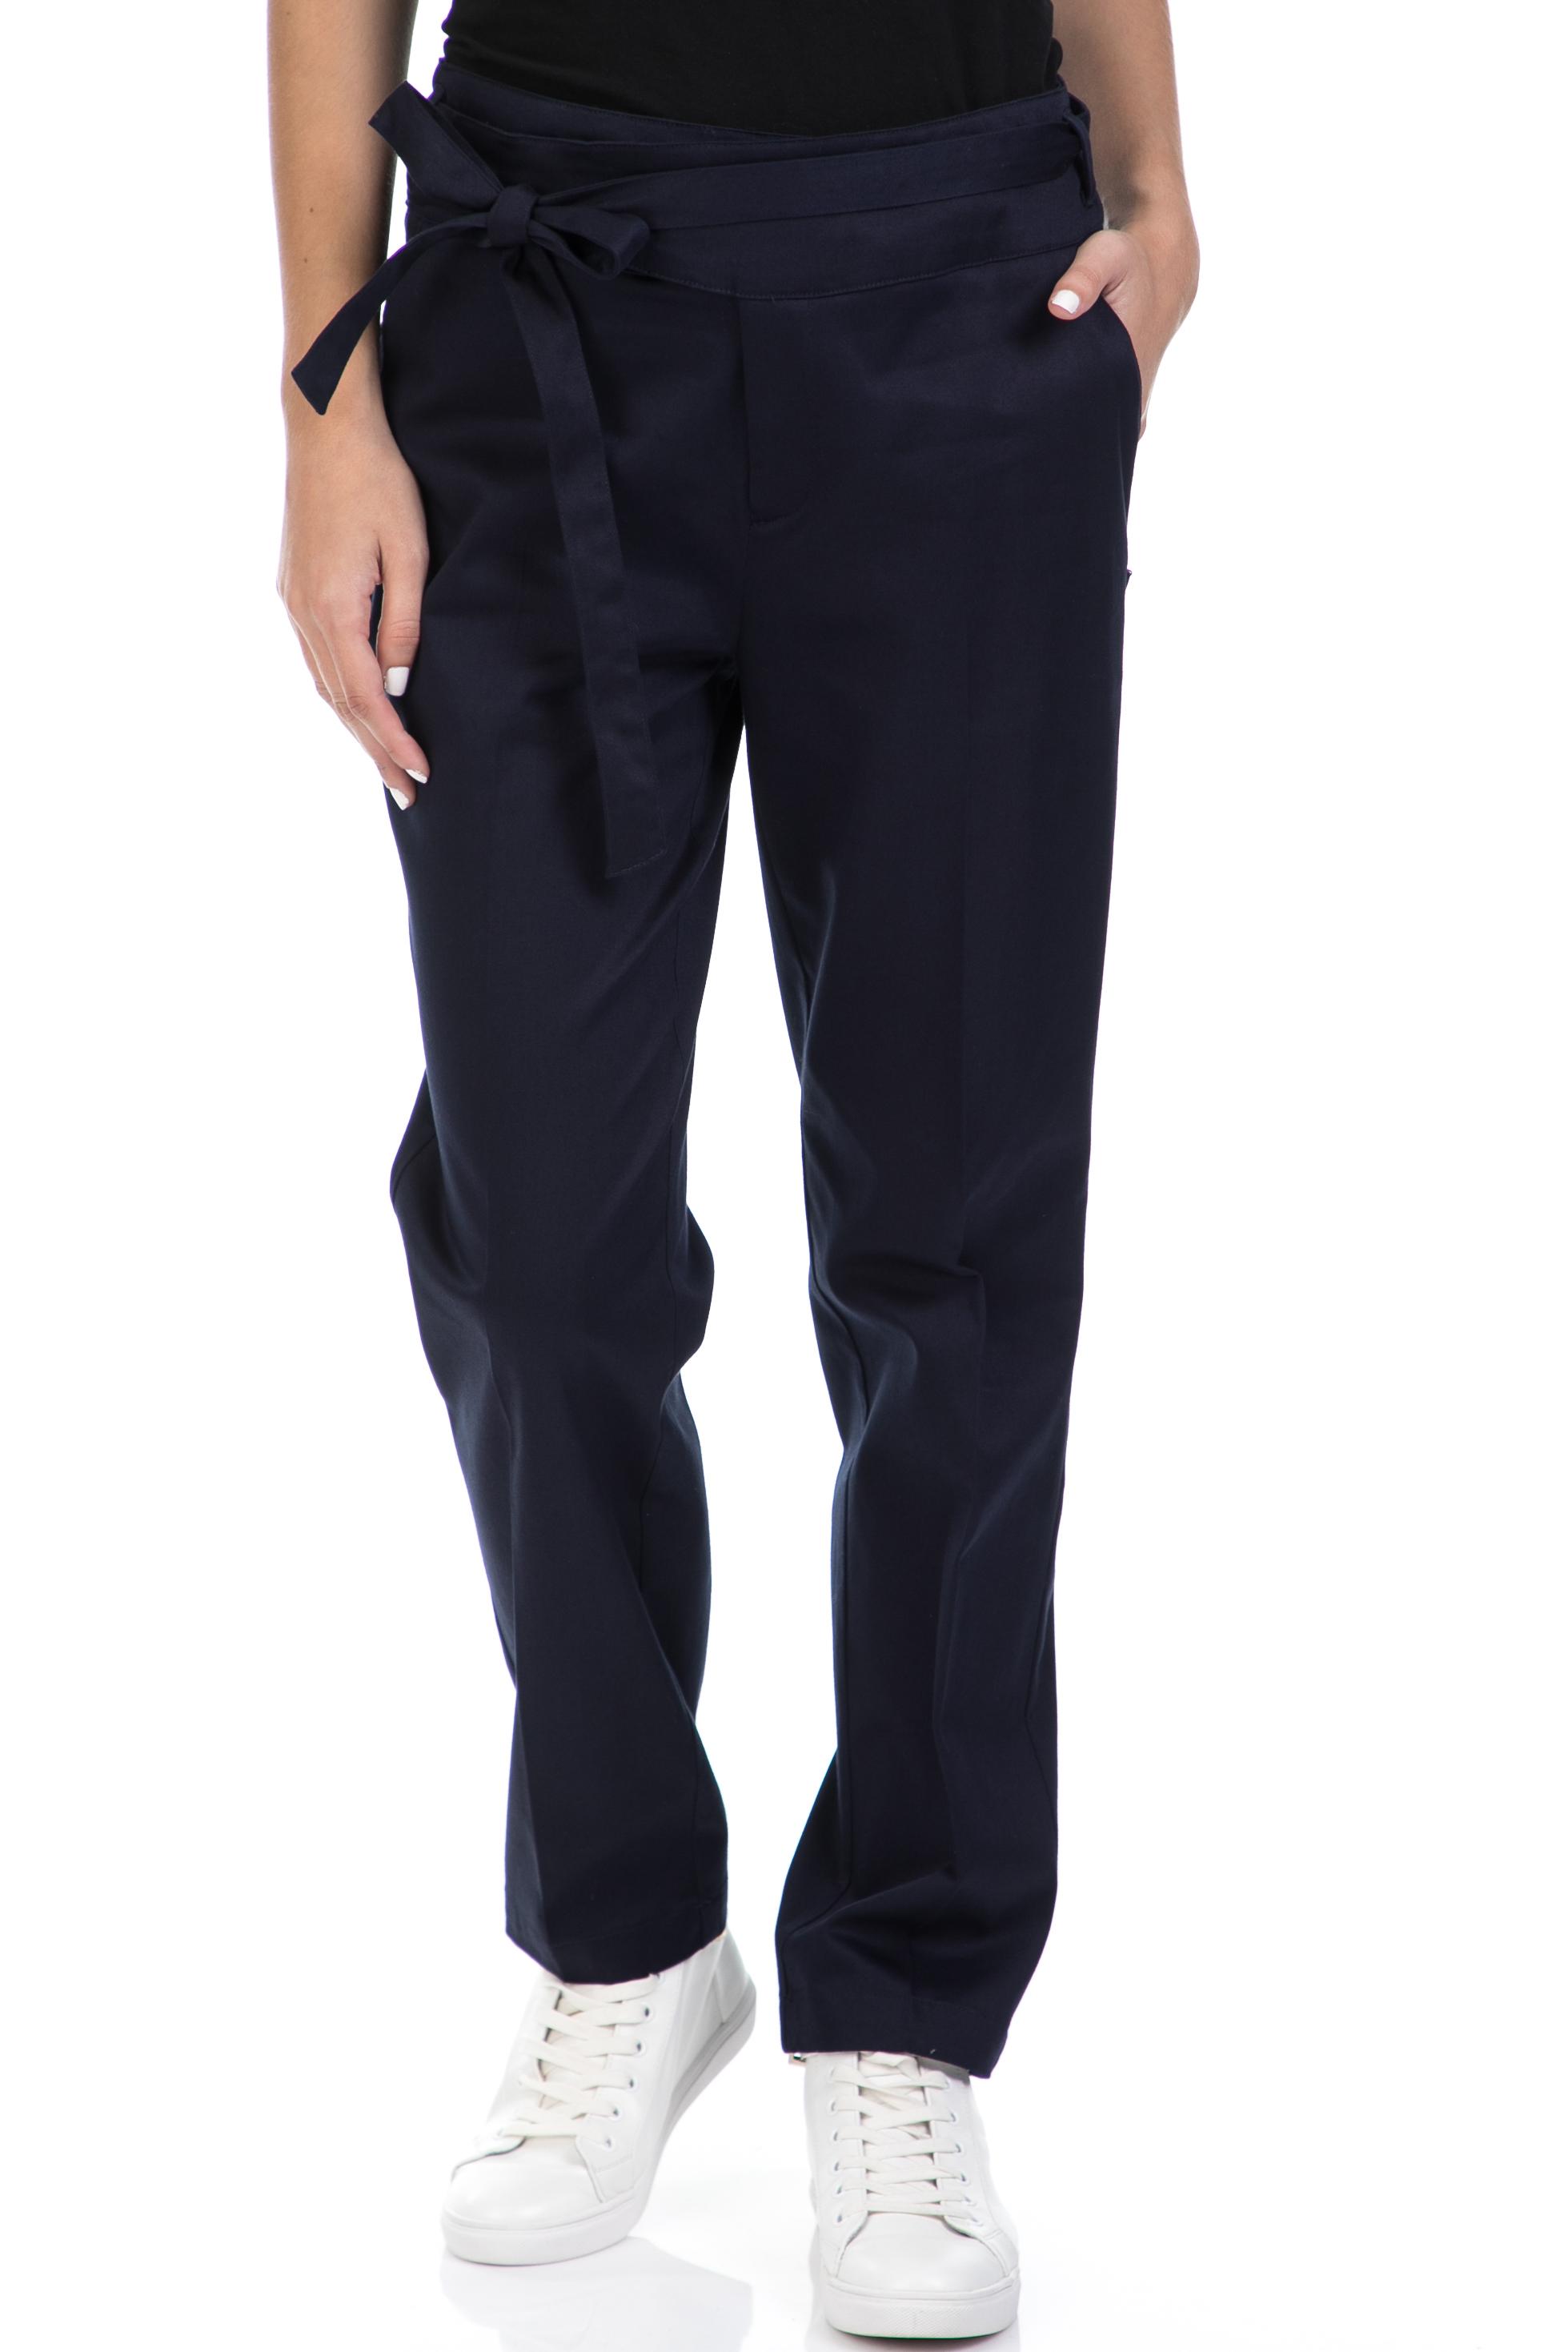 SCOTCH & SODA - Γυναικείο παντελόνι SCOTCH & SODA μπλε